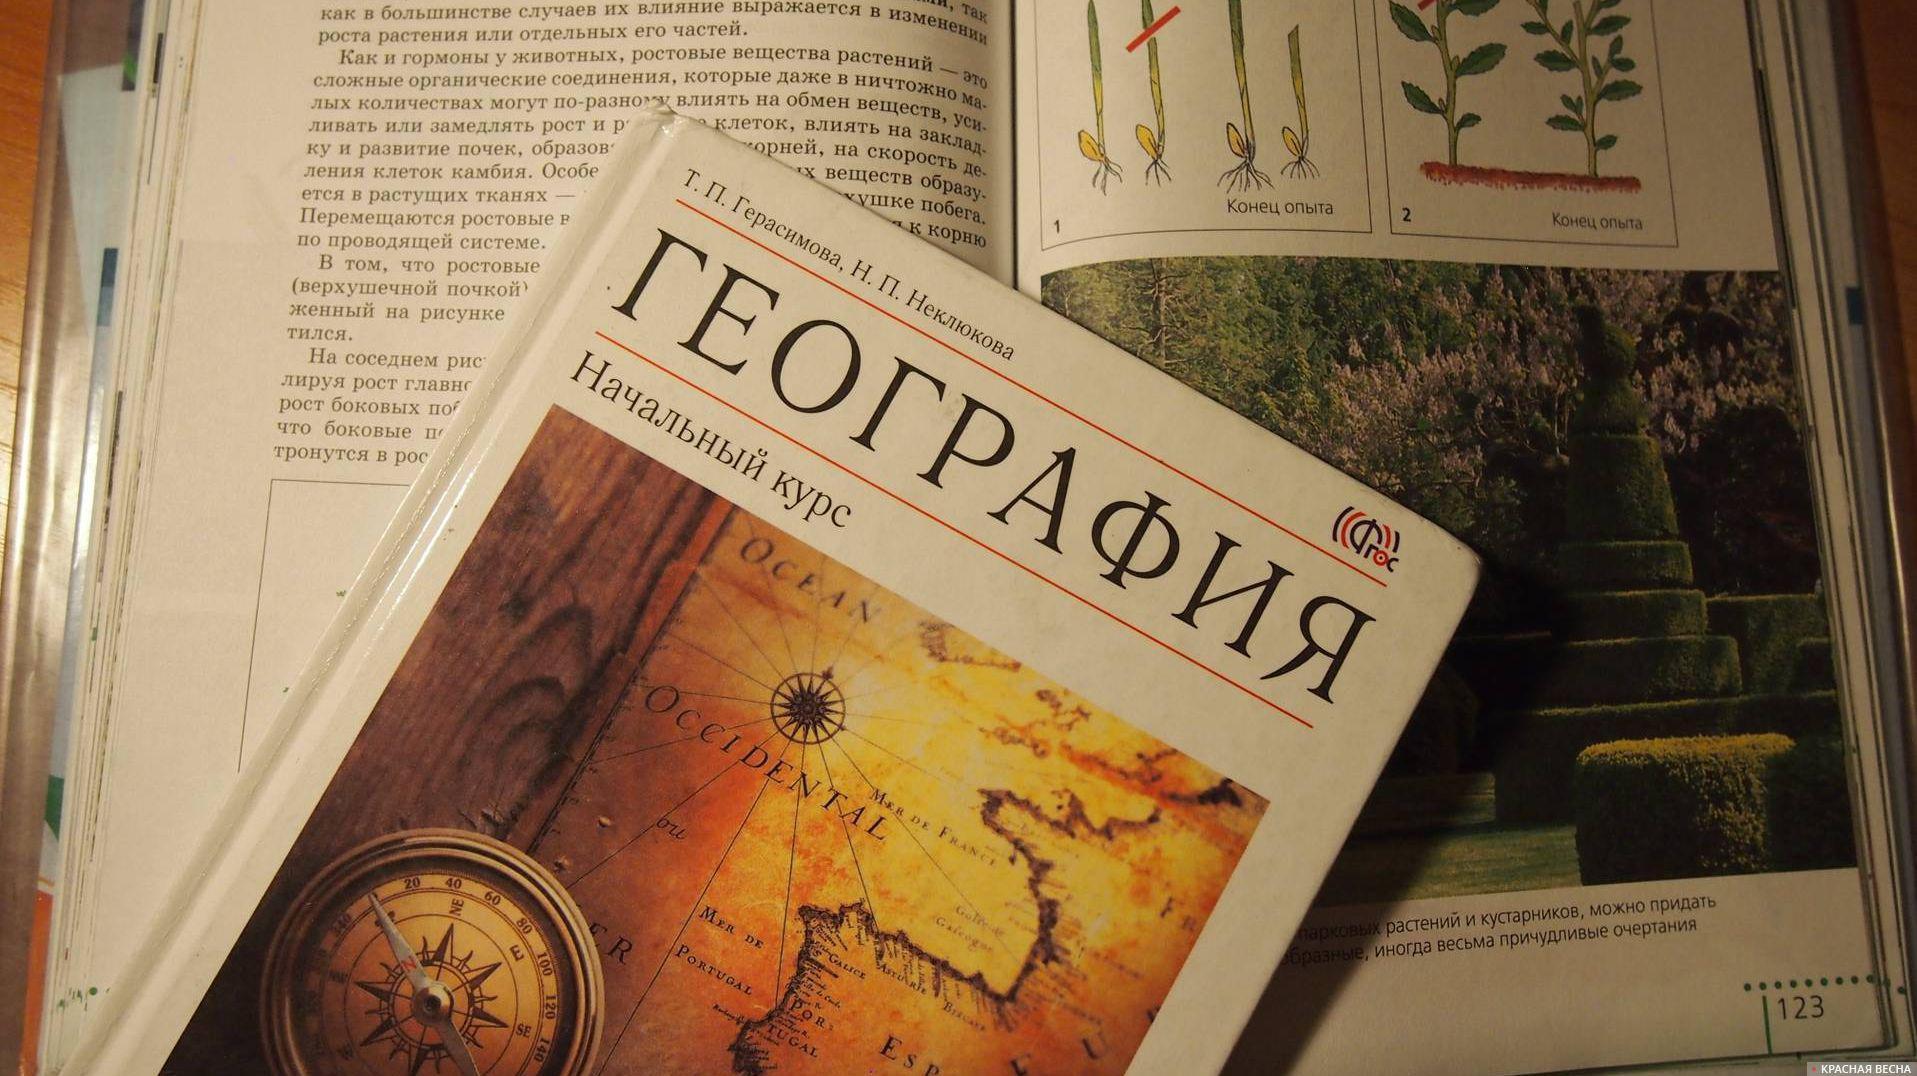 Учебник географии Ольга Перегуд © ИА Красная Весна